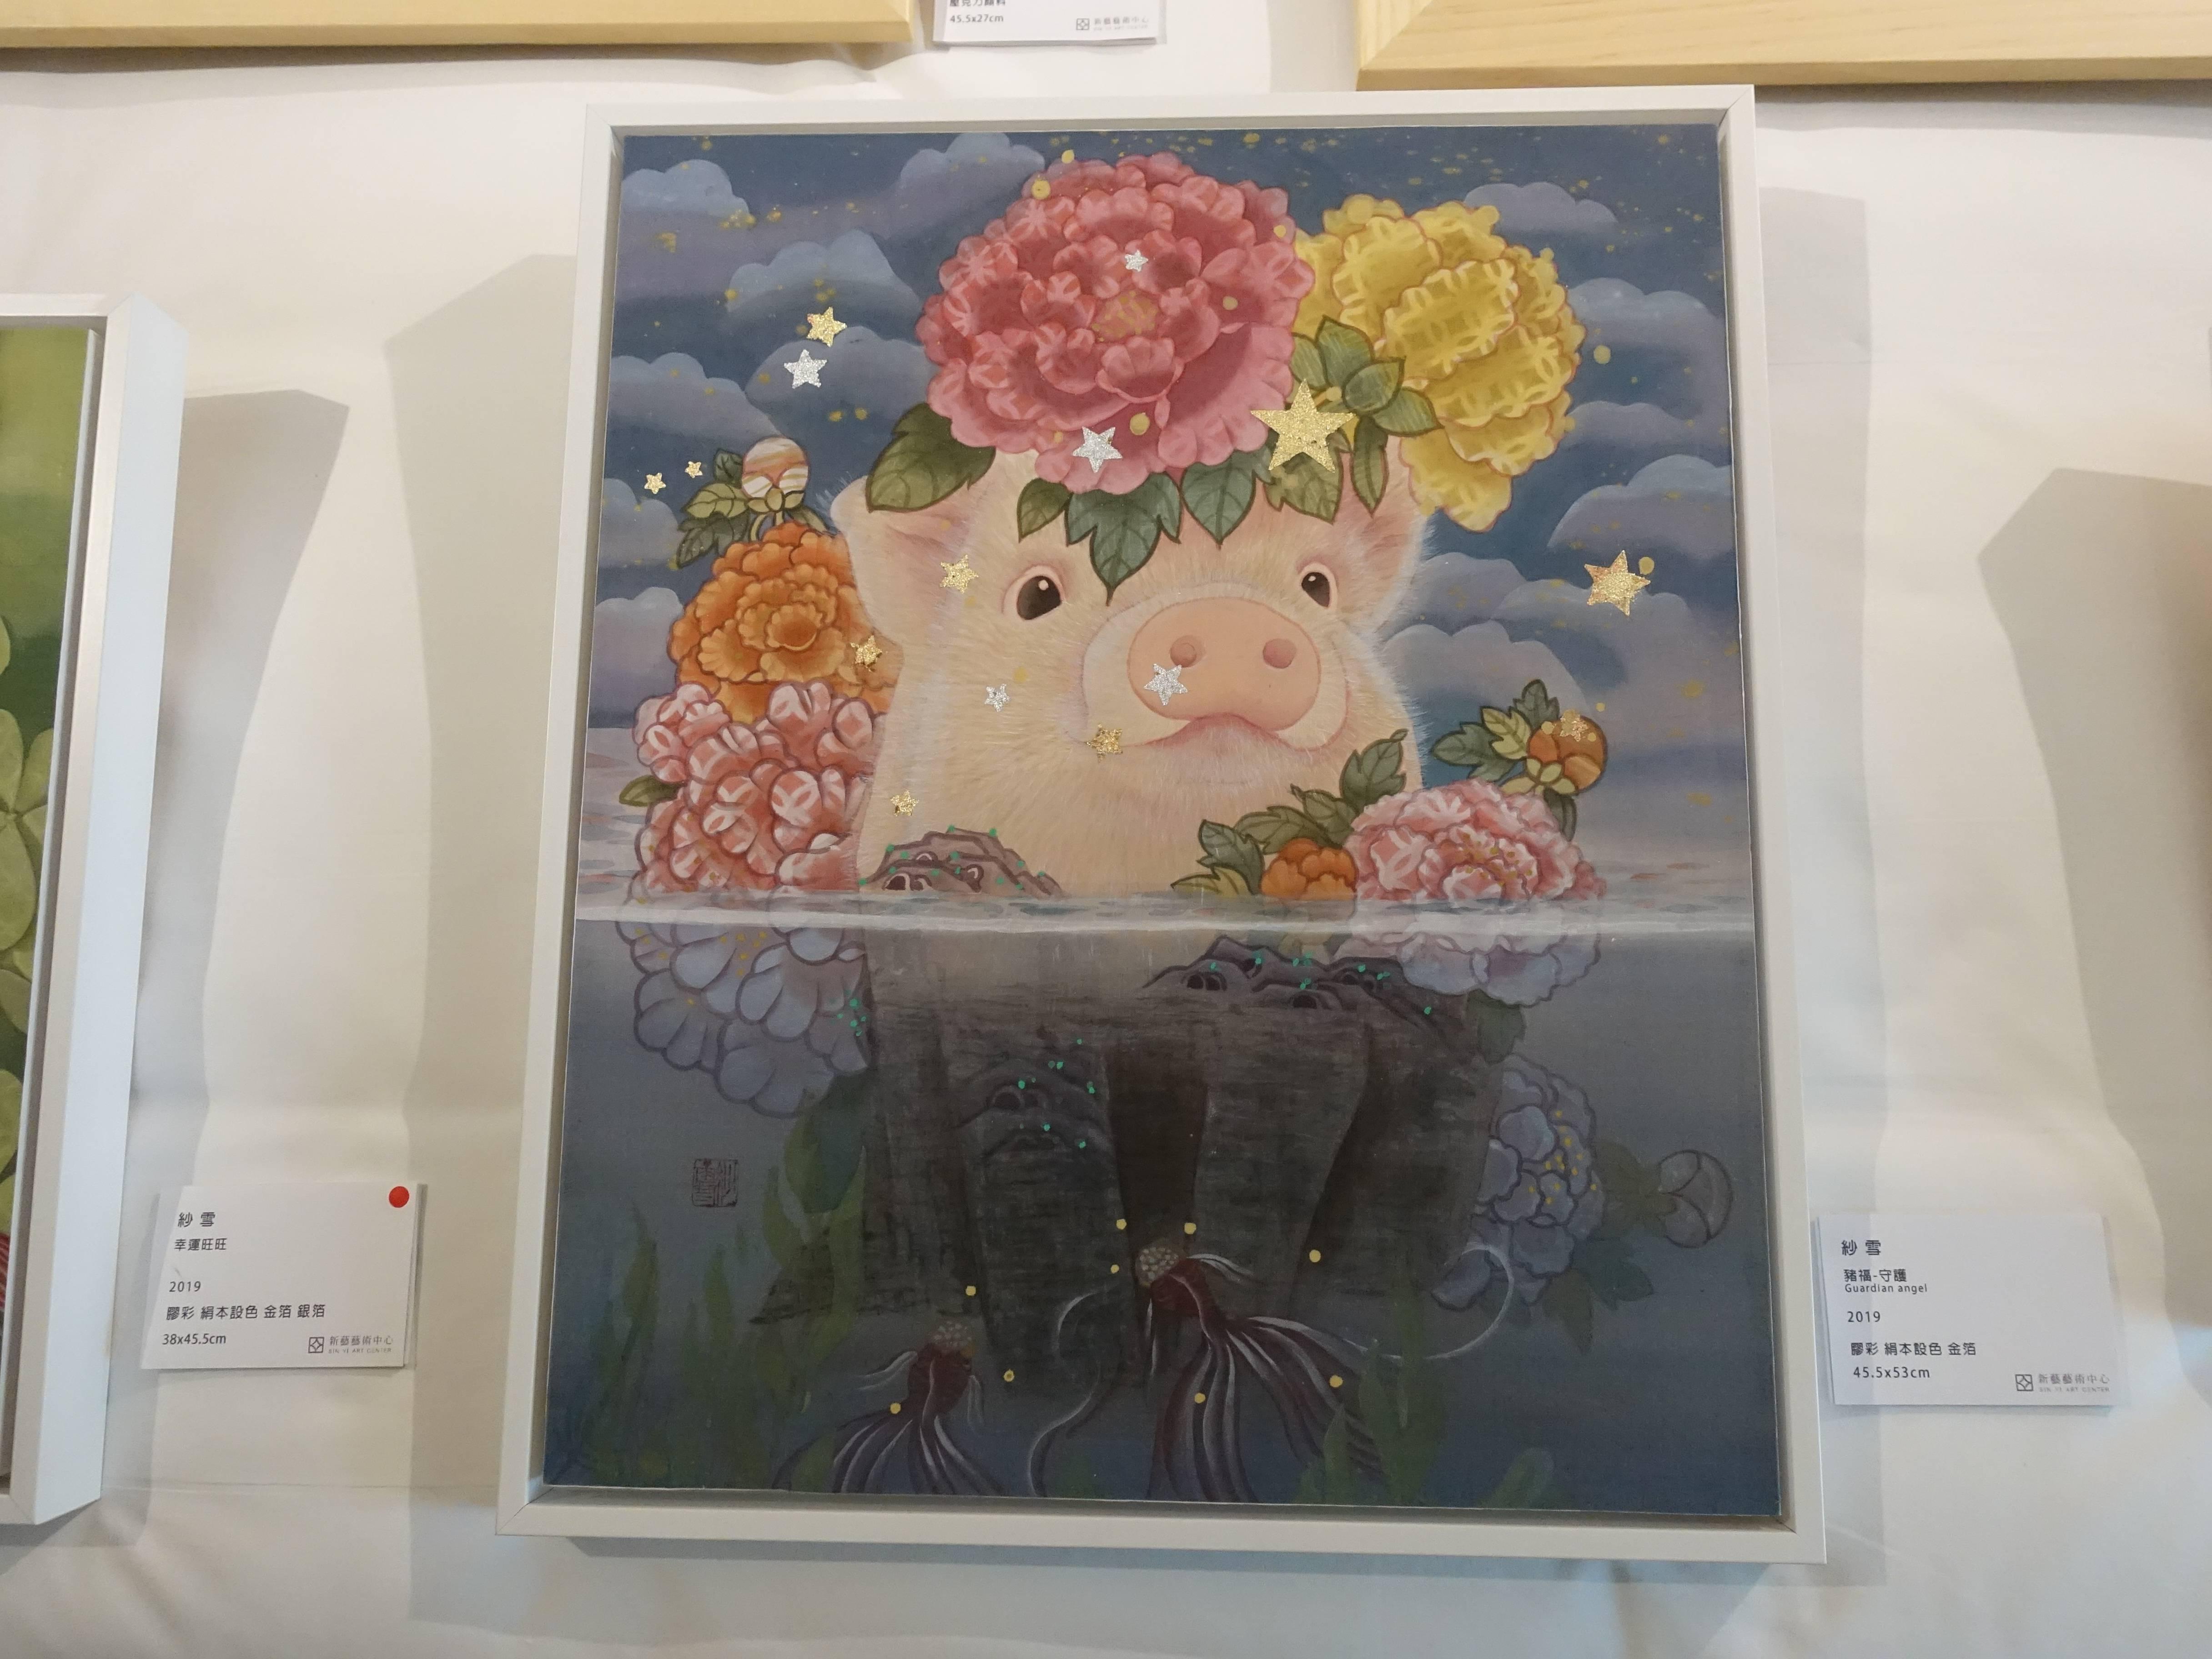 新藝藝術中心藝術家 - 紗雪,《豬福-守護》,45.5 x 53 cm ,膠彩、絹本設色、金箔,2019。